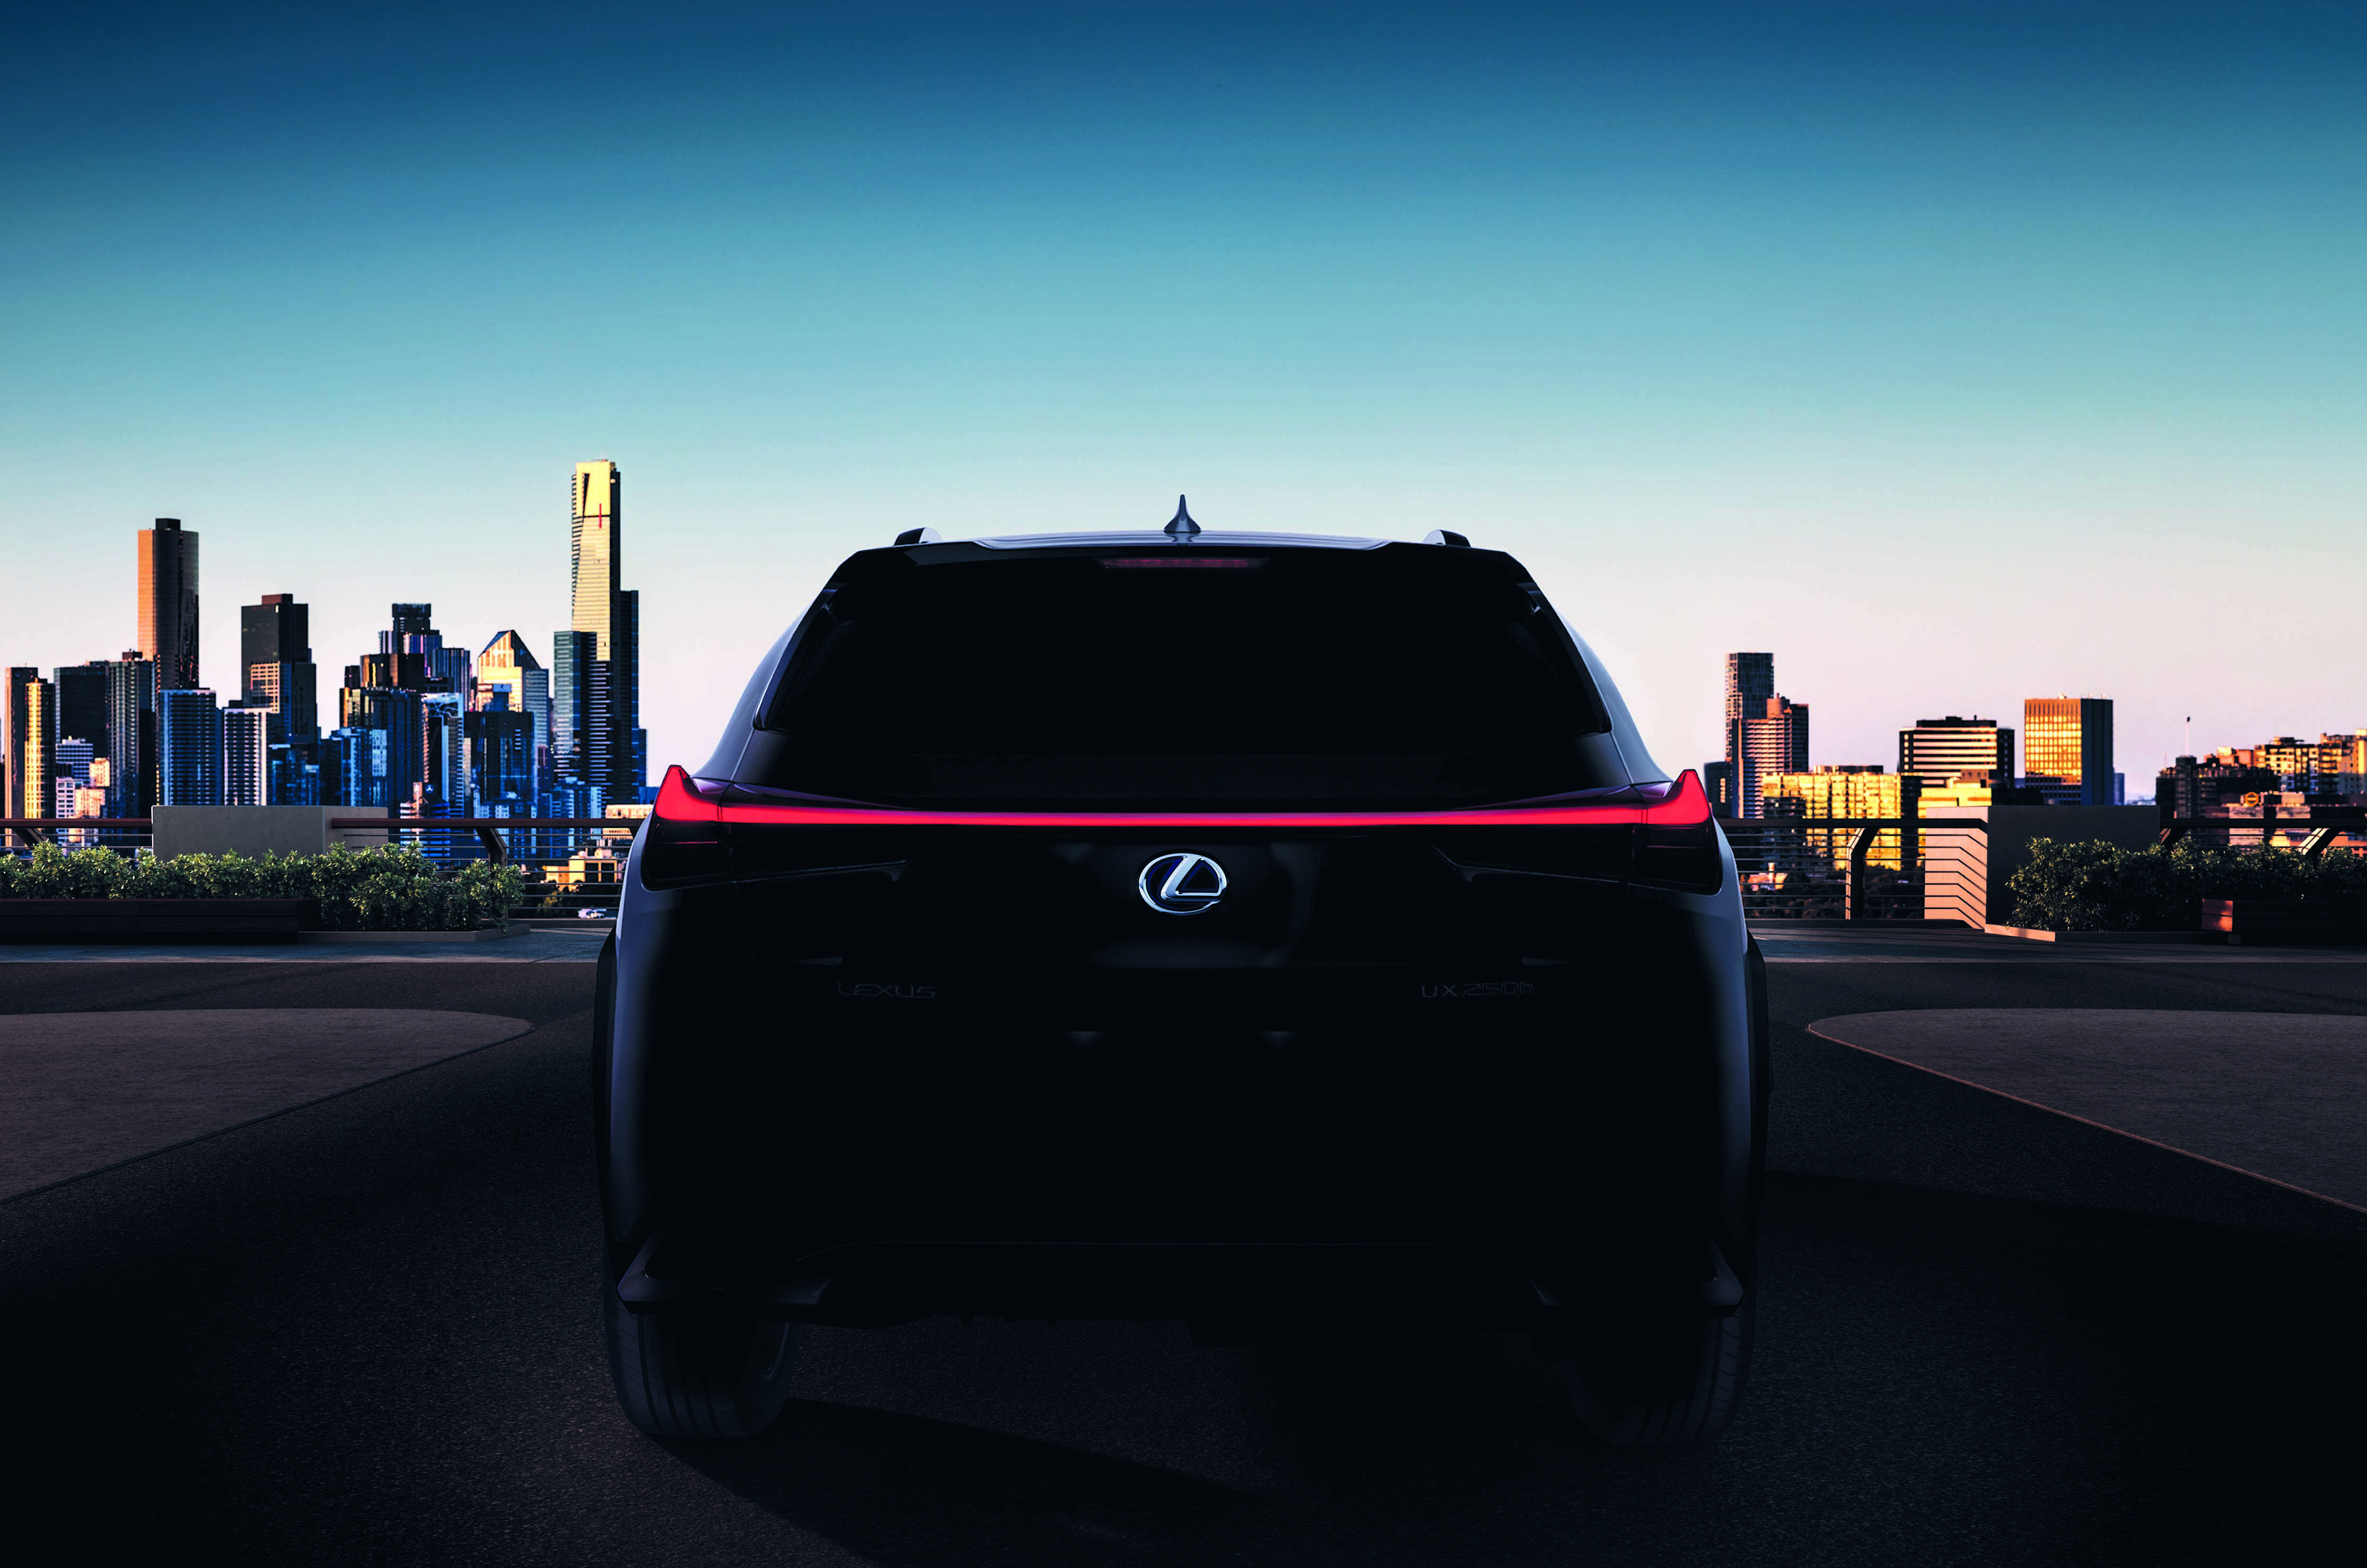 انتشار اولین تصاویر از نسخه تولیدی ux / این خودرو را تمام و کمال در ژنو خواهید دید